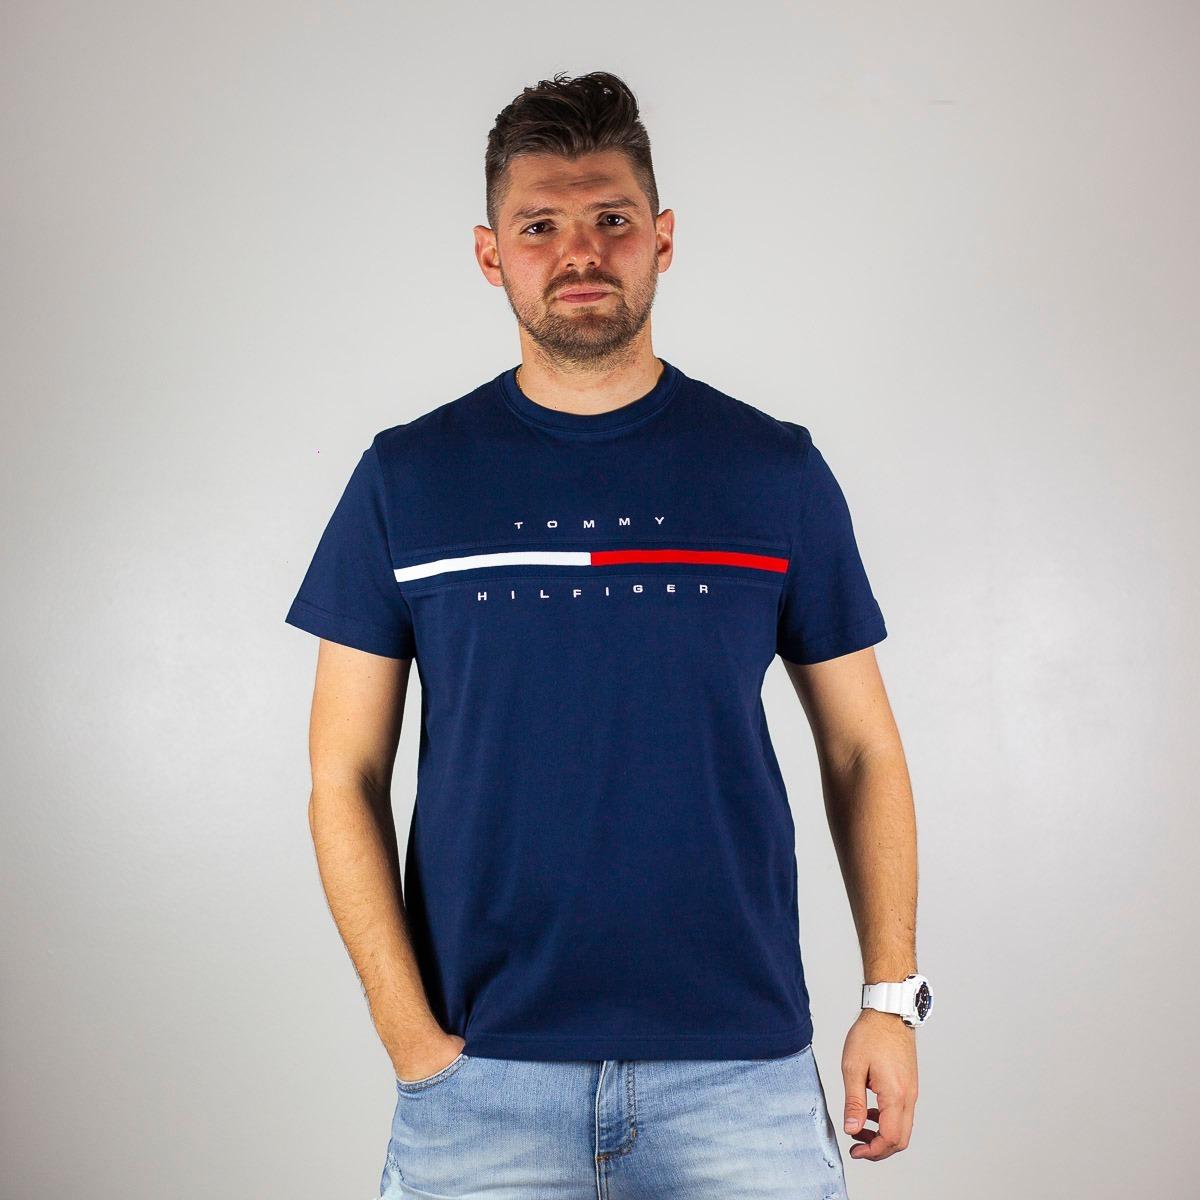 camiseta tradicional tommy hilfiger - tam  g. Carregando zoom. 0c7f2e54a41c8